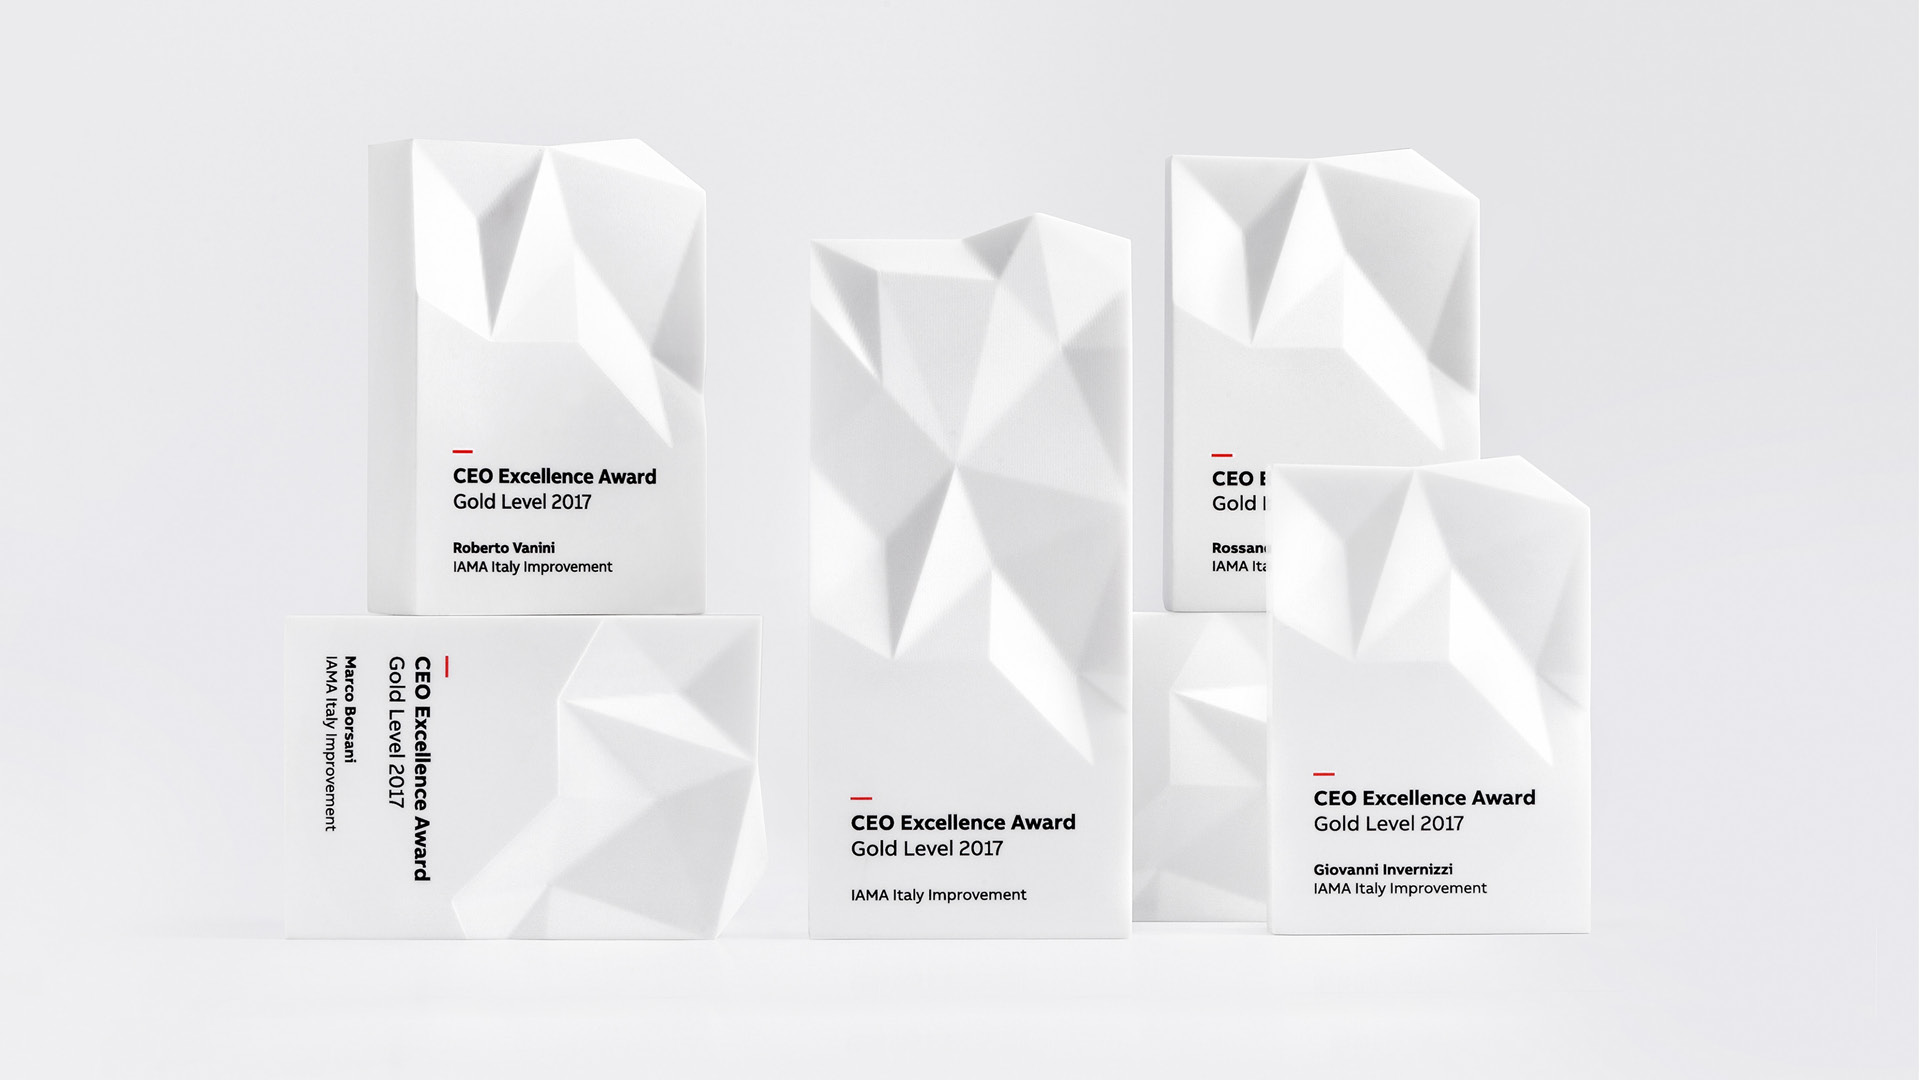 ABB's CEO Excellence Award